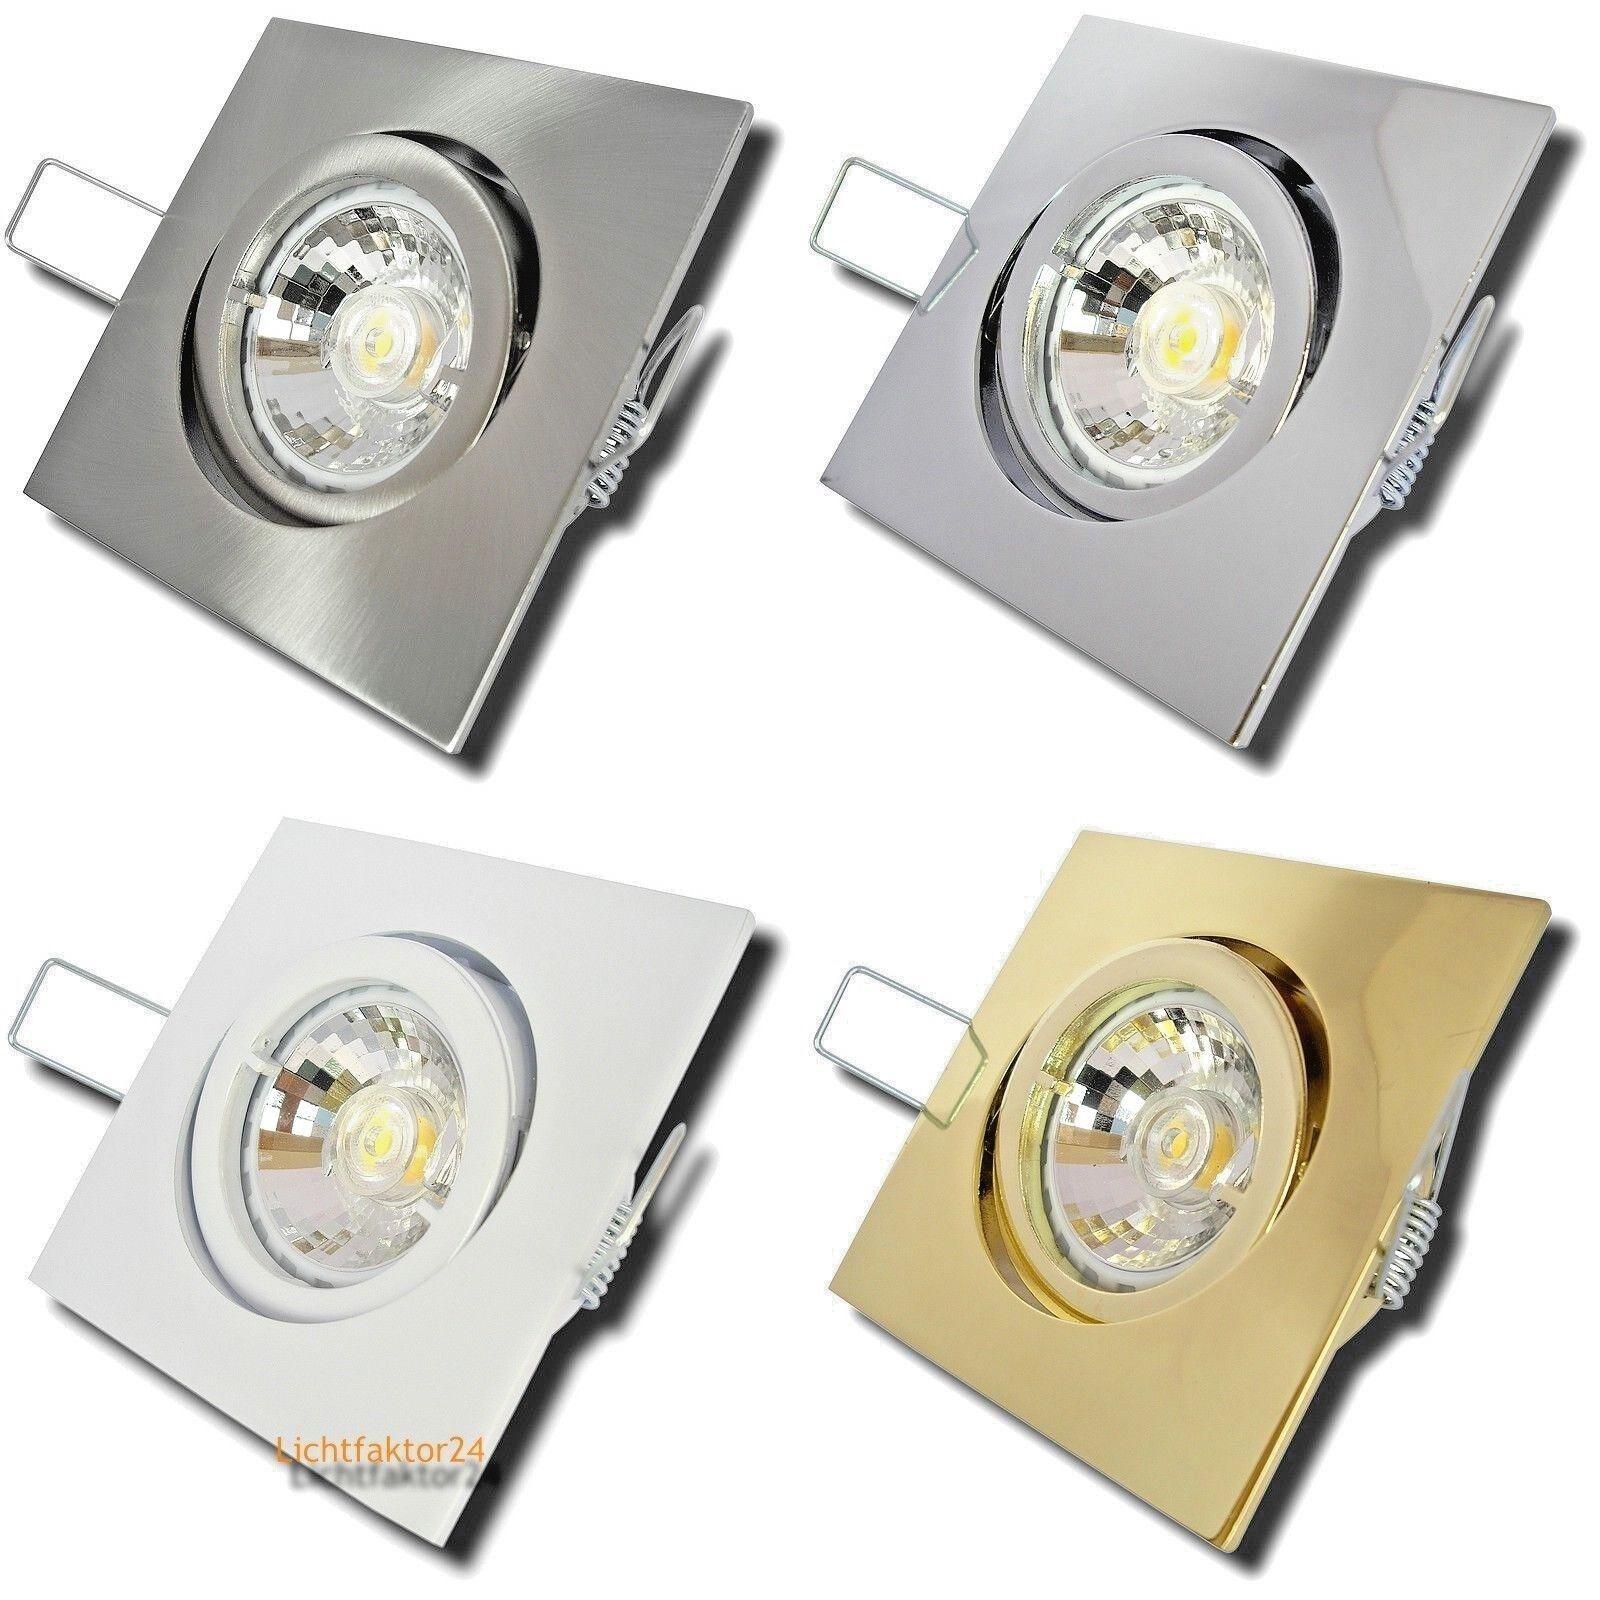 7W LED Leuchten Sets Dimmbar 230Volt Schwenkbar Quadratisch Gu10 Einbaustrahler